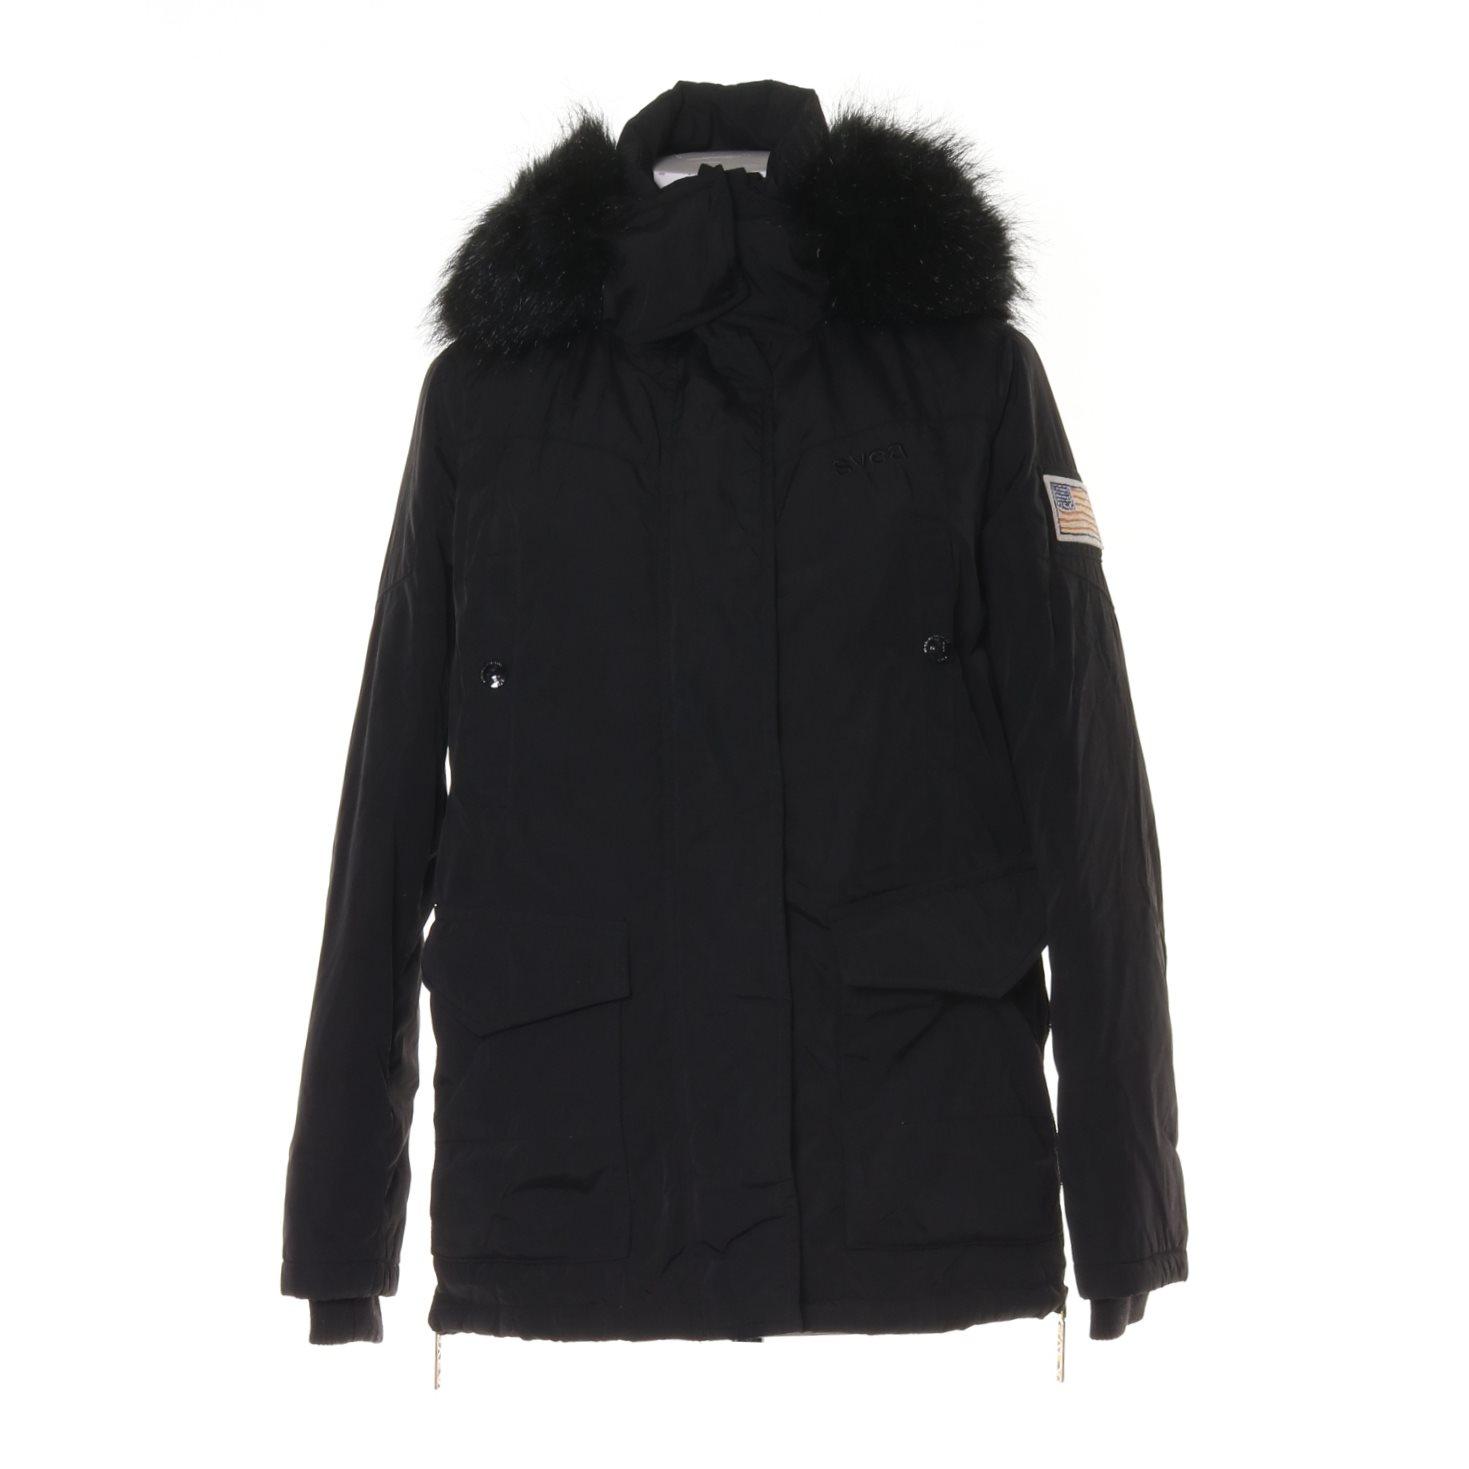 svea whistler jacket